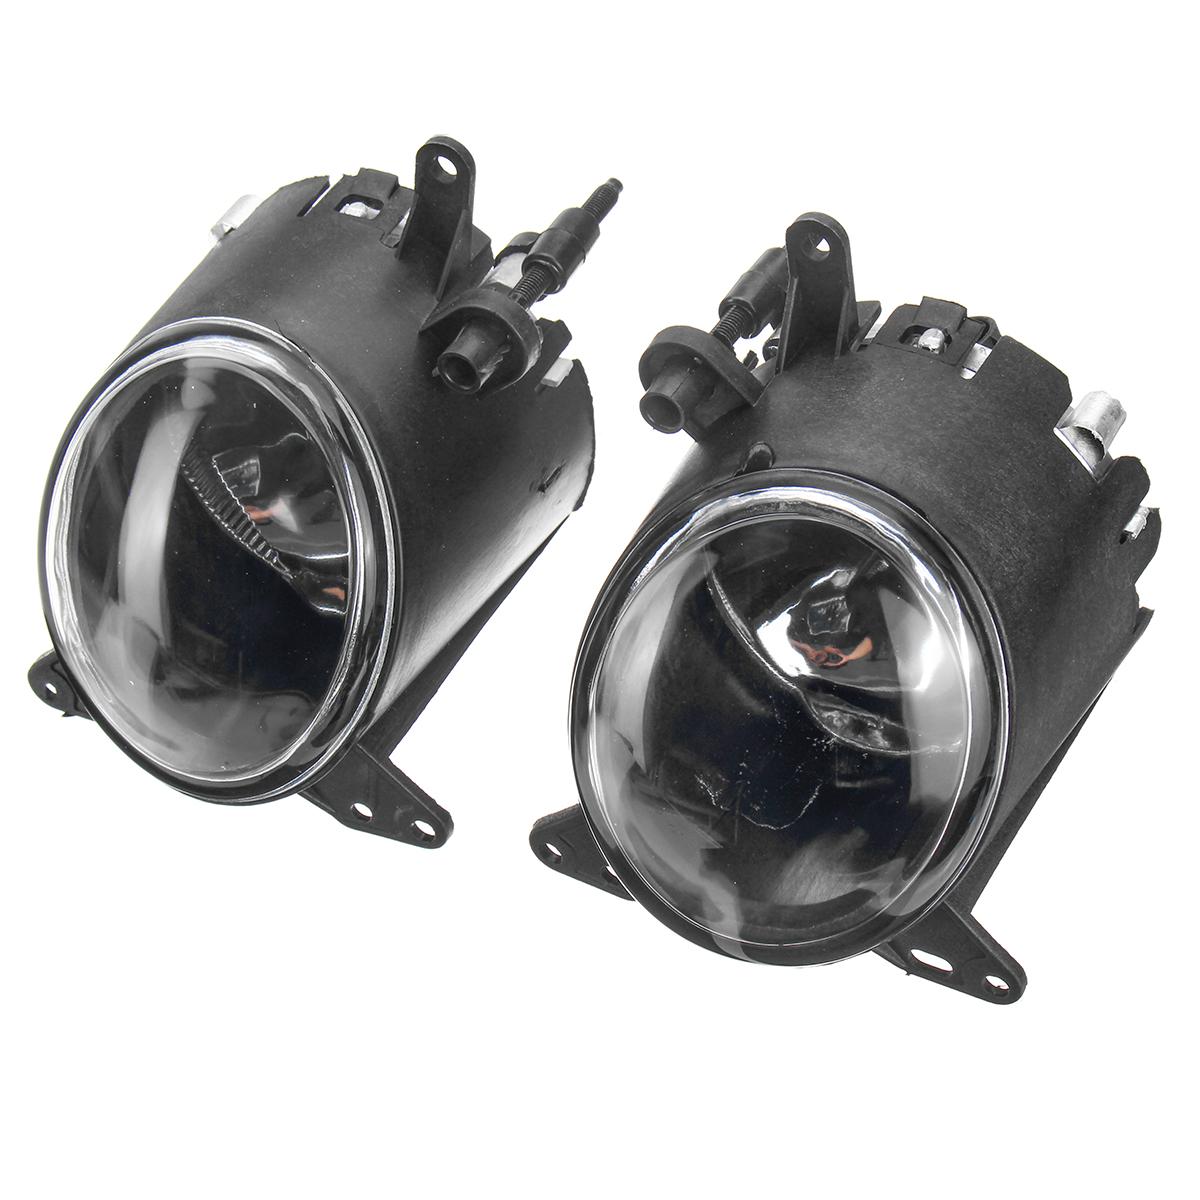 Car LED Front Bumper Fog Lights Driving Lamp for Mitsubishi Lancer 2008 2009-2014